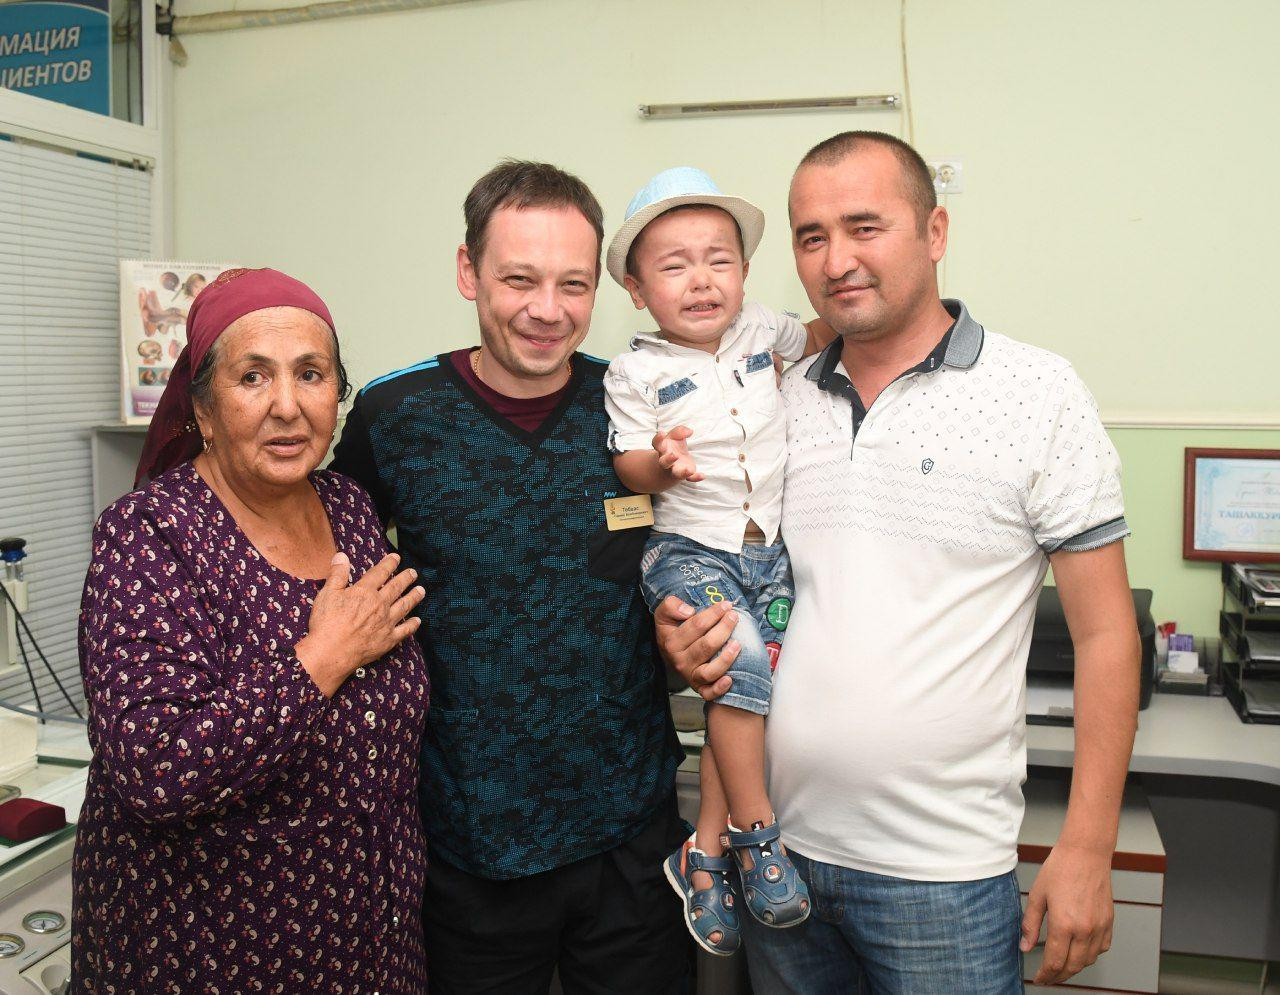 Министр здравоохранения наградил врача, вернувшего к жизни двухлетнего ребенка